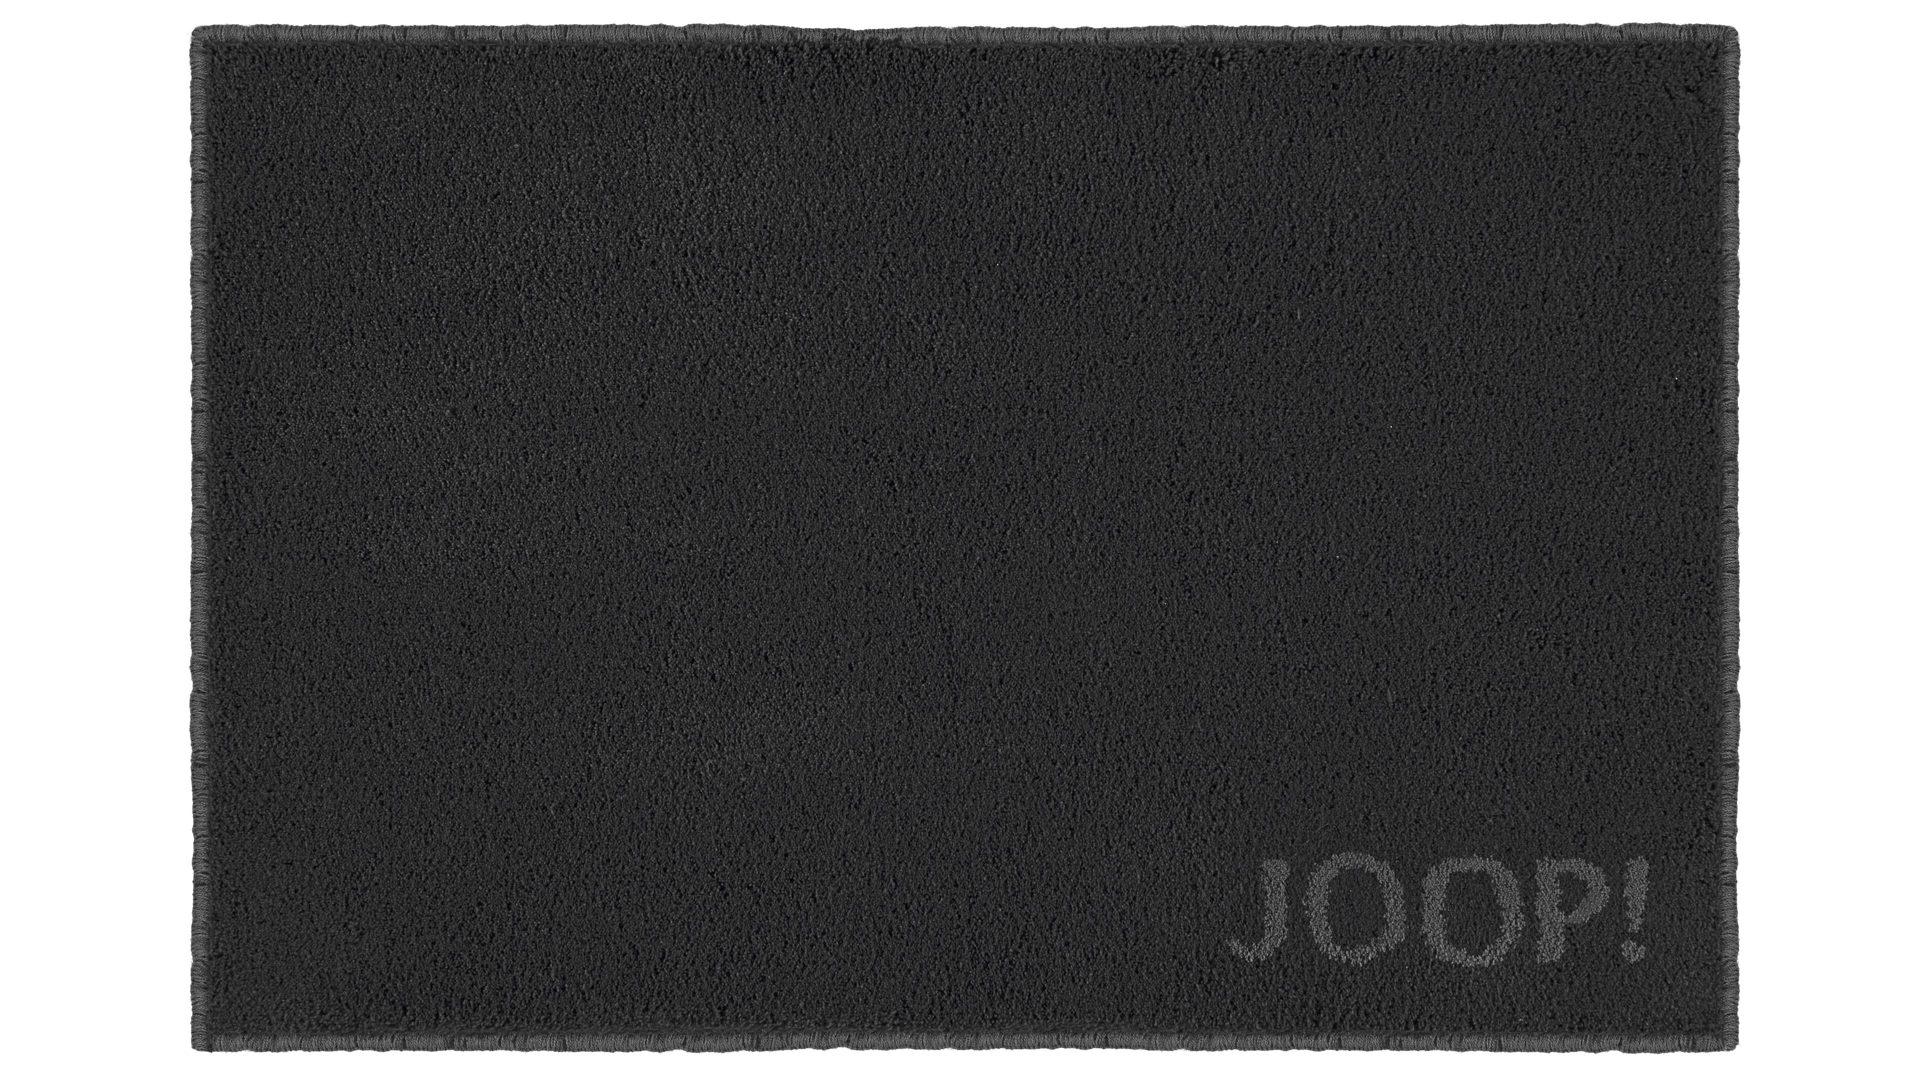 Joop Badematte Classic Schwarze Kunstfaser Ca 50 X 60 Cm